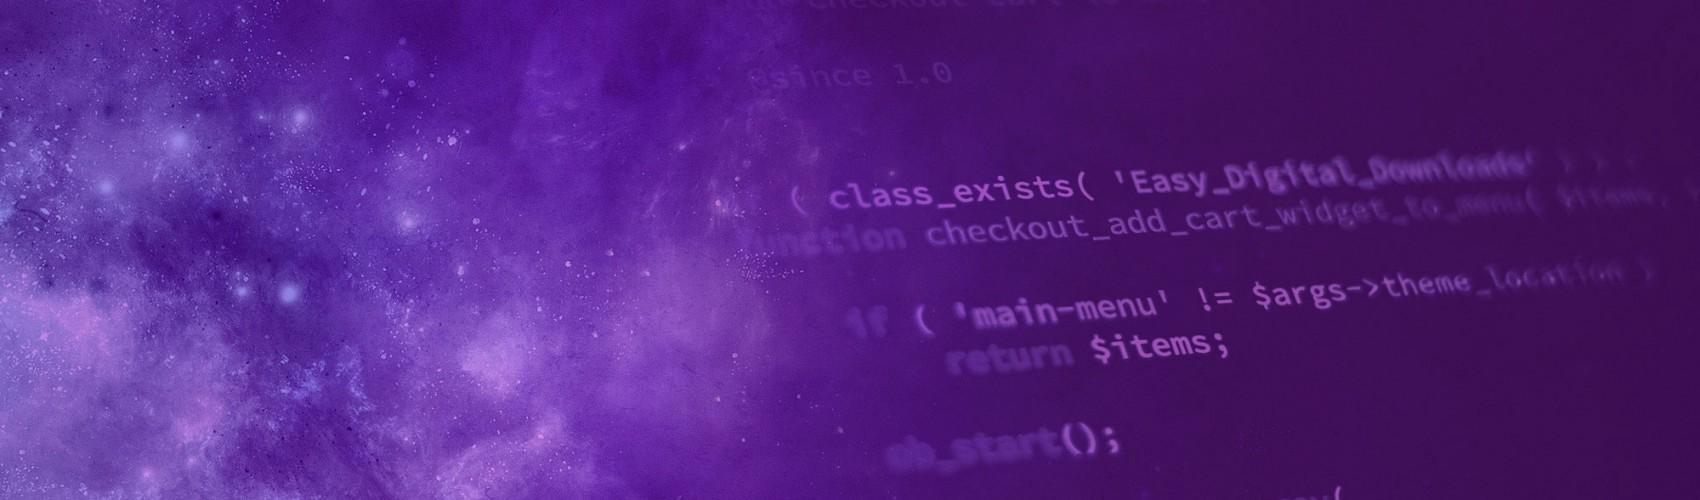 Tvorba webových stránek, SEO optimalizace webu, webdesign, linkbuilding, onpage a offpage SEO